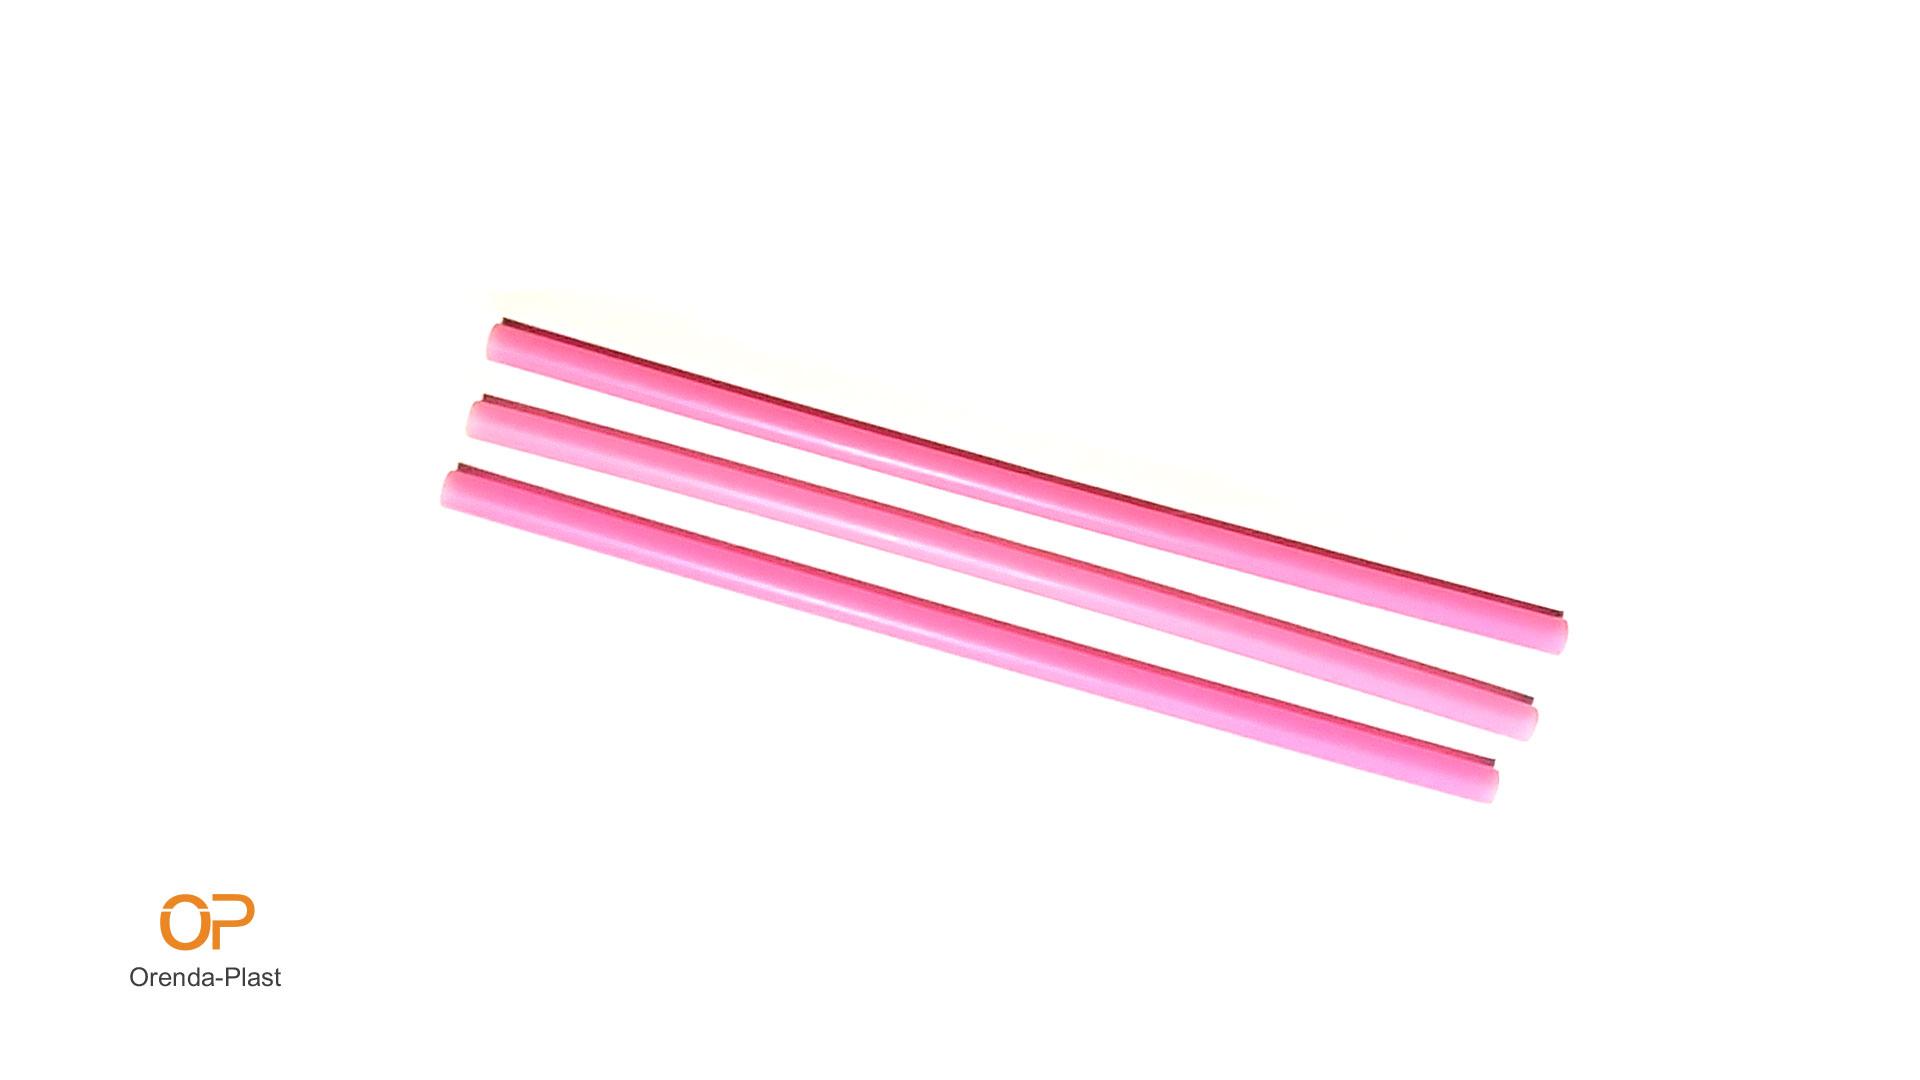 Права сламка розово